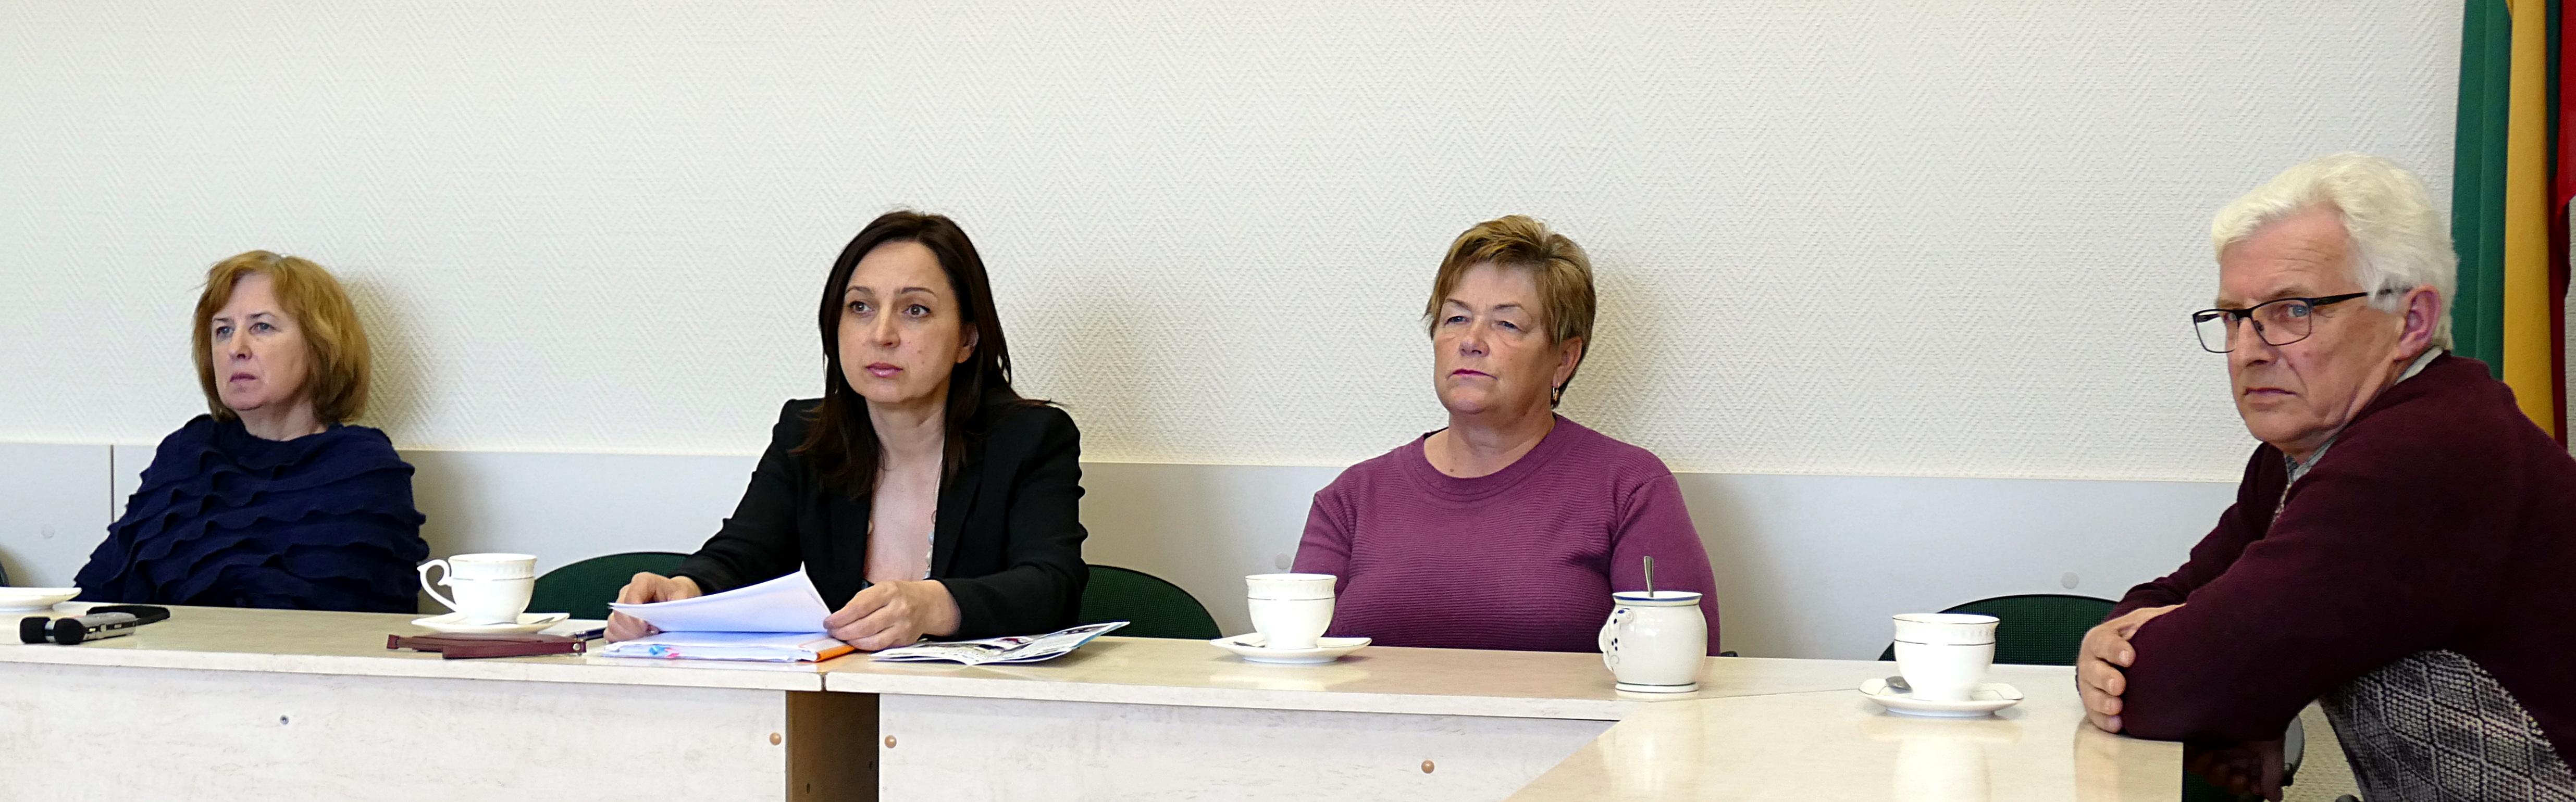 Iš kairės. Posėdžio dalyviai: Savivaldybės vyresnioji specialistė mobilizacijai ir korupcijos prevencijai Jūratė Banzienė, Antikorupcijos komisijos pirmininkė, Tarybos narė Sandra Tamašauskienė bei šios komisijos nariai Birutė Gustienė ir Domas Merliūnas, bendru sutarimu nutarė, kad klaidų pridarė abi pusės.